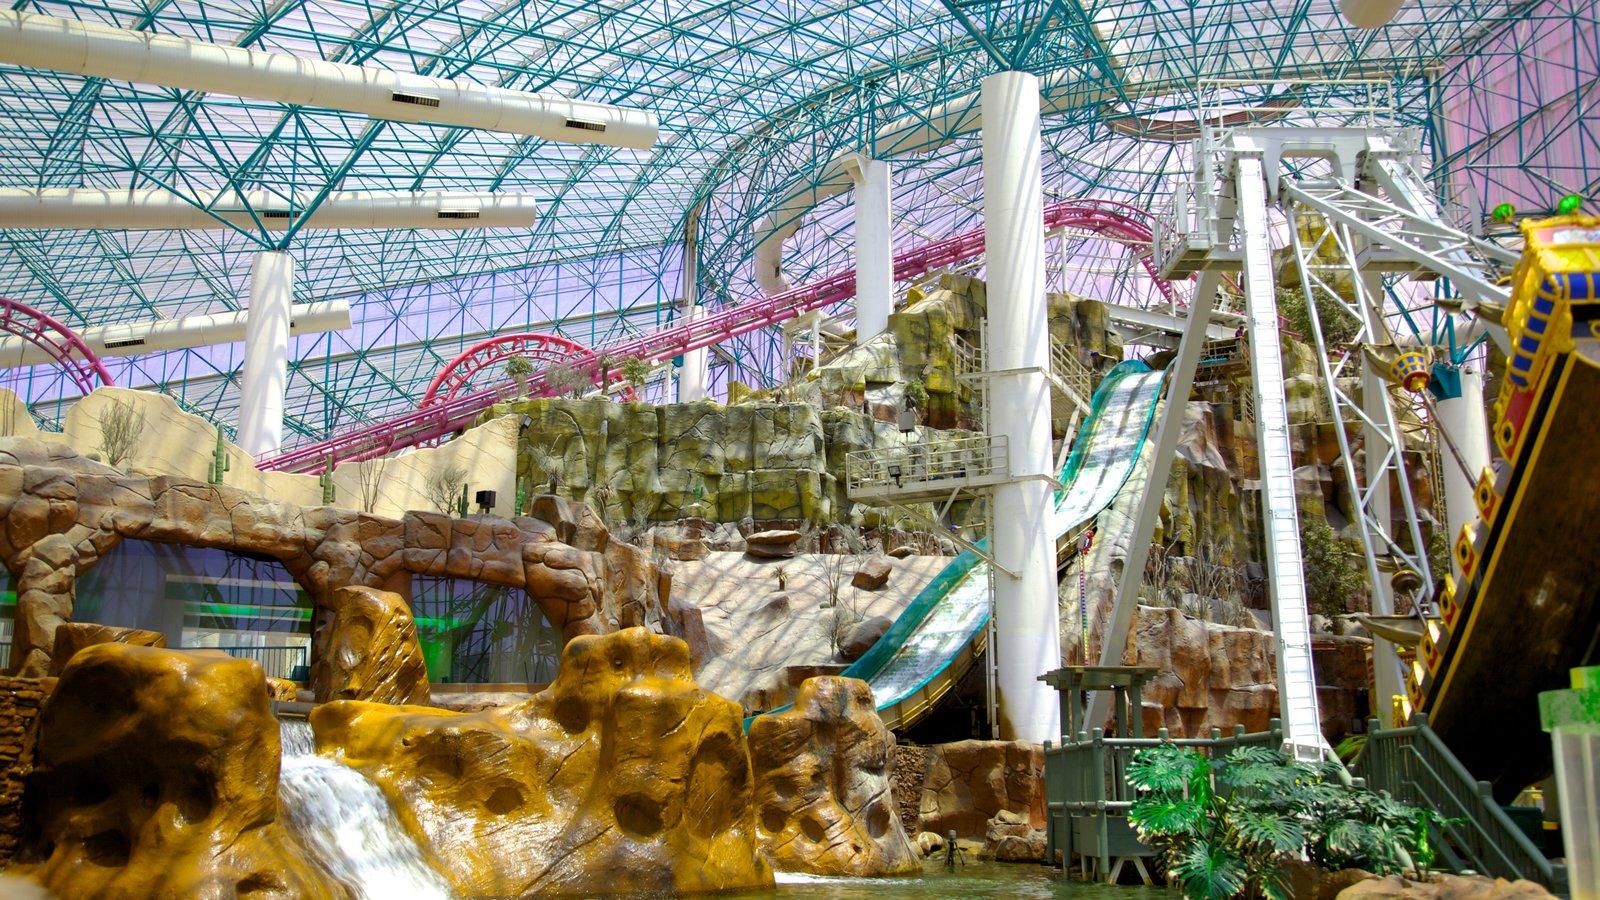 Parque Temático Adventuredome que inclui passeios, vistas internas e um jardim